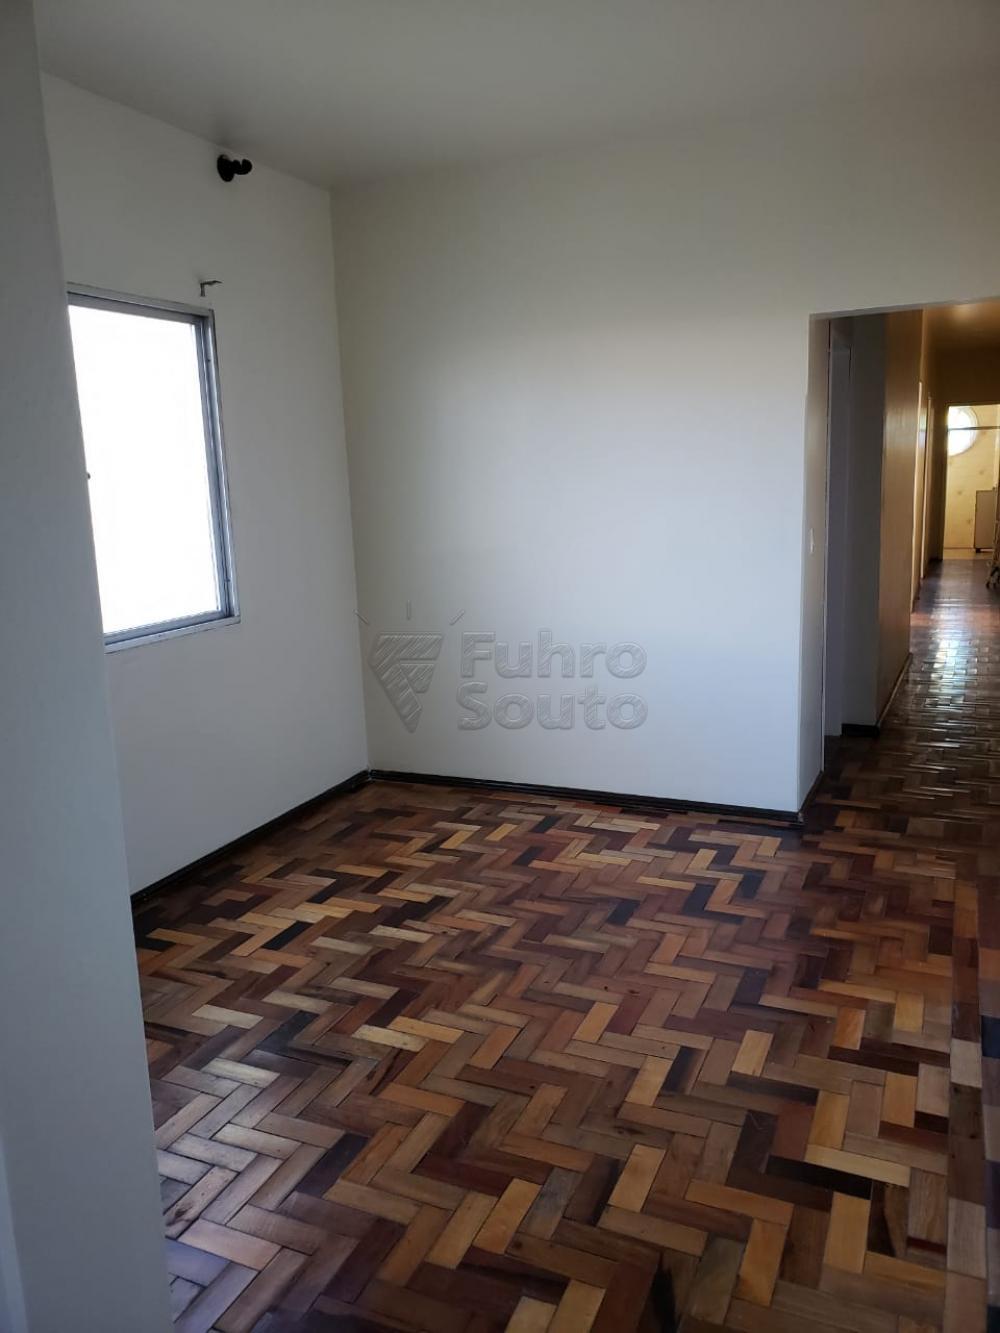 Comprar Comercial / Prédio em Pelotas R$ 2.300.000,00 - Foto 9